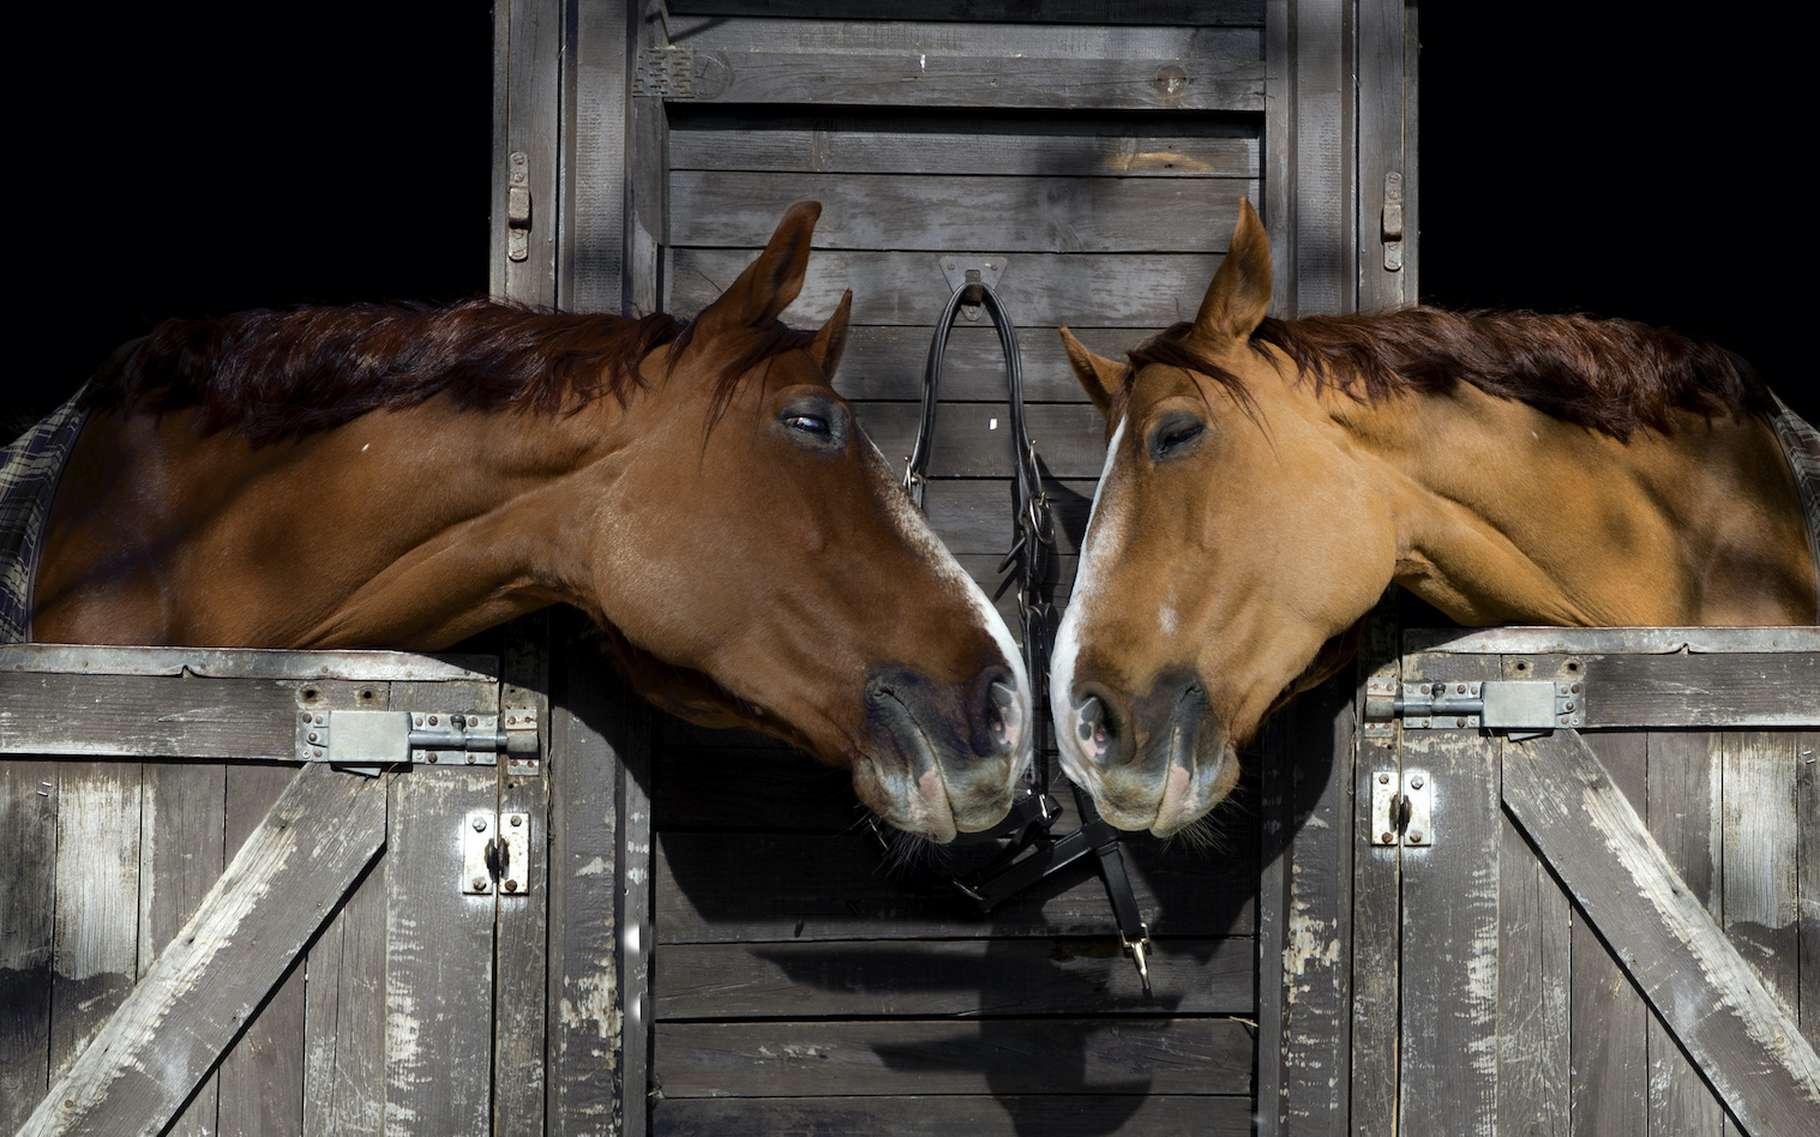 L'amour est l'une de ces émotions que les animaux peuvent ressentir. Et s'il est parfois dit que l'amour rend aveugle, être capable d'éprouver cette émotion est le signe que nos amis les animaux ne sont pas si bêtes. © lfmpereira, Adobe Stock